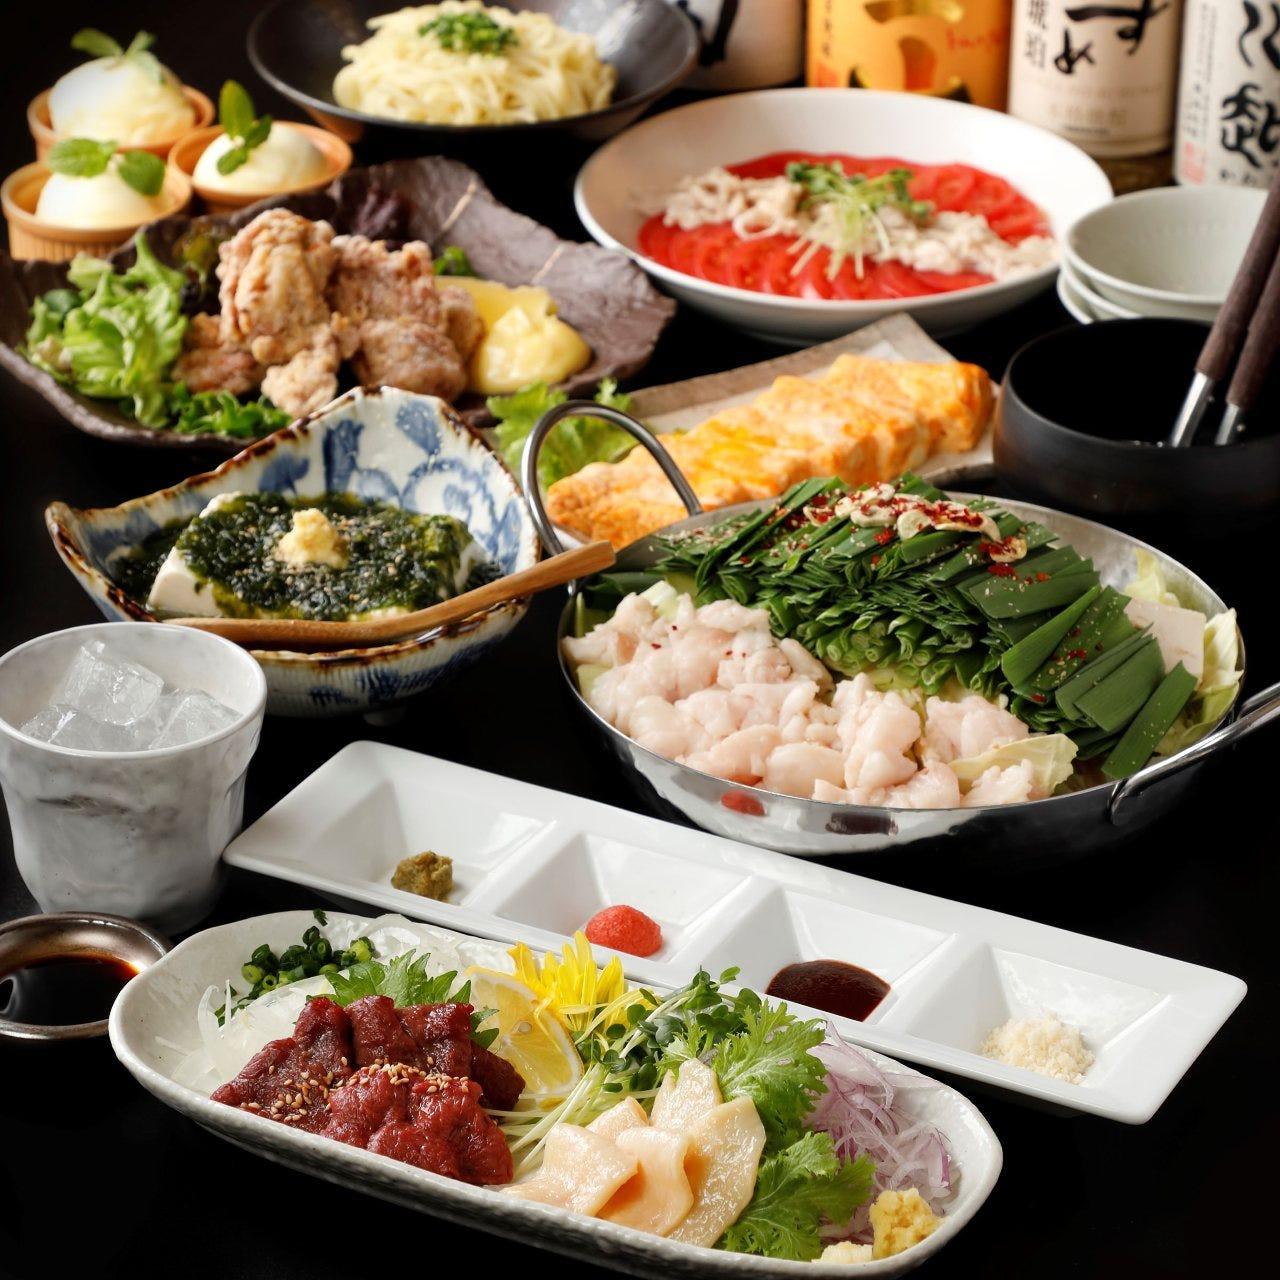 【2時間飲み放題付】名物料理をお得に堪能!お料理8品 炭火の「日和」コース